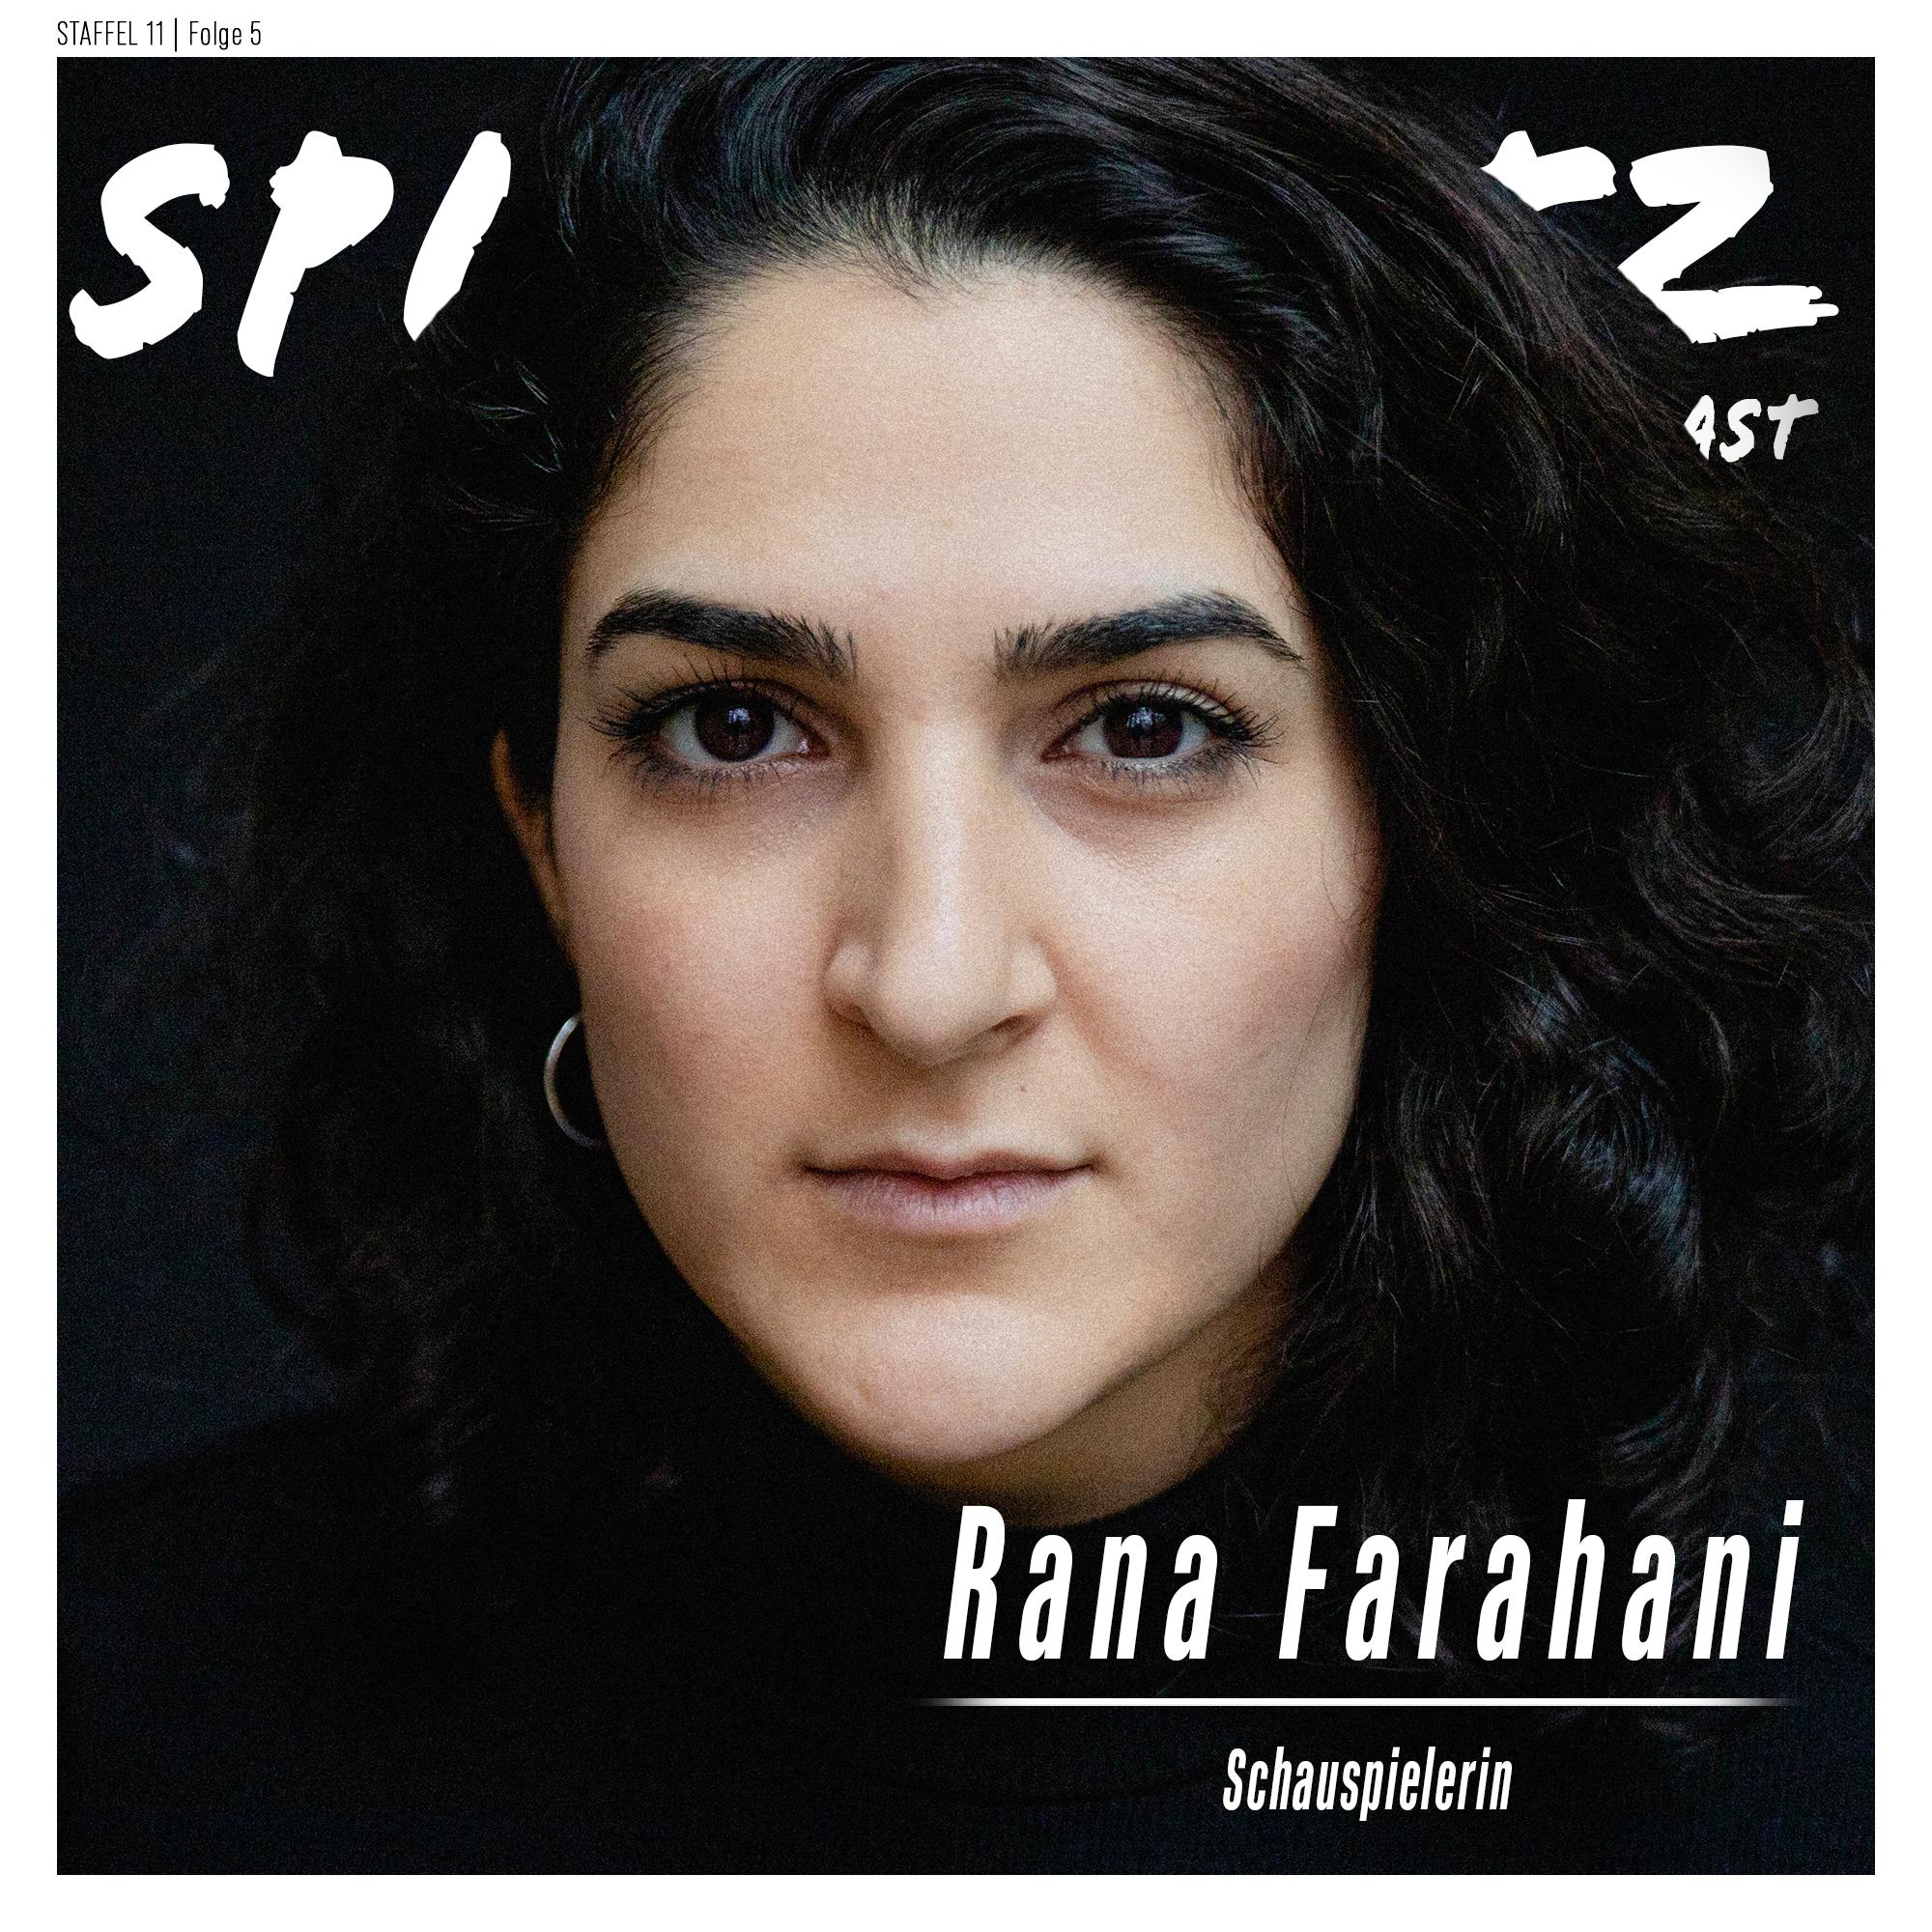 Rana Farahani - Schauspielerin